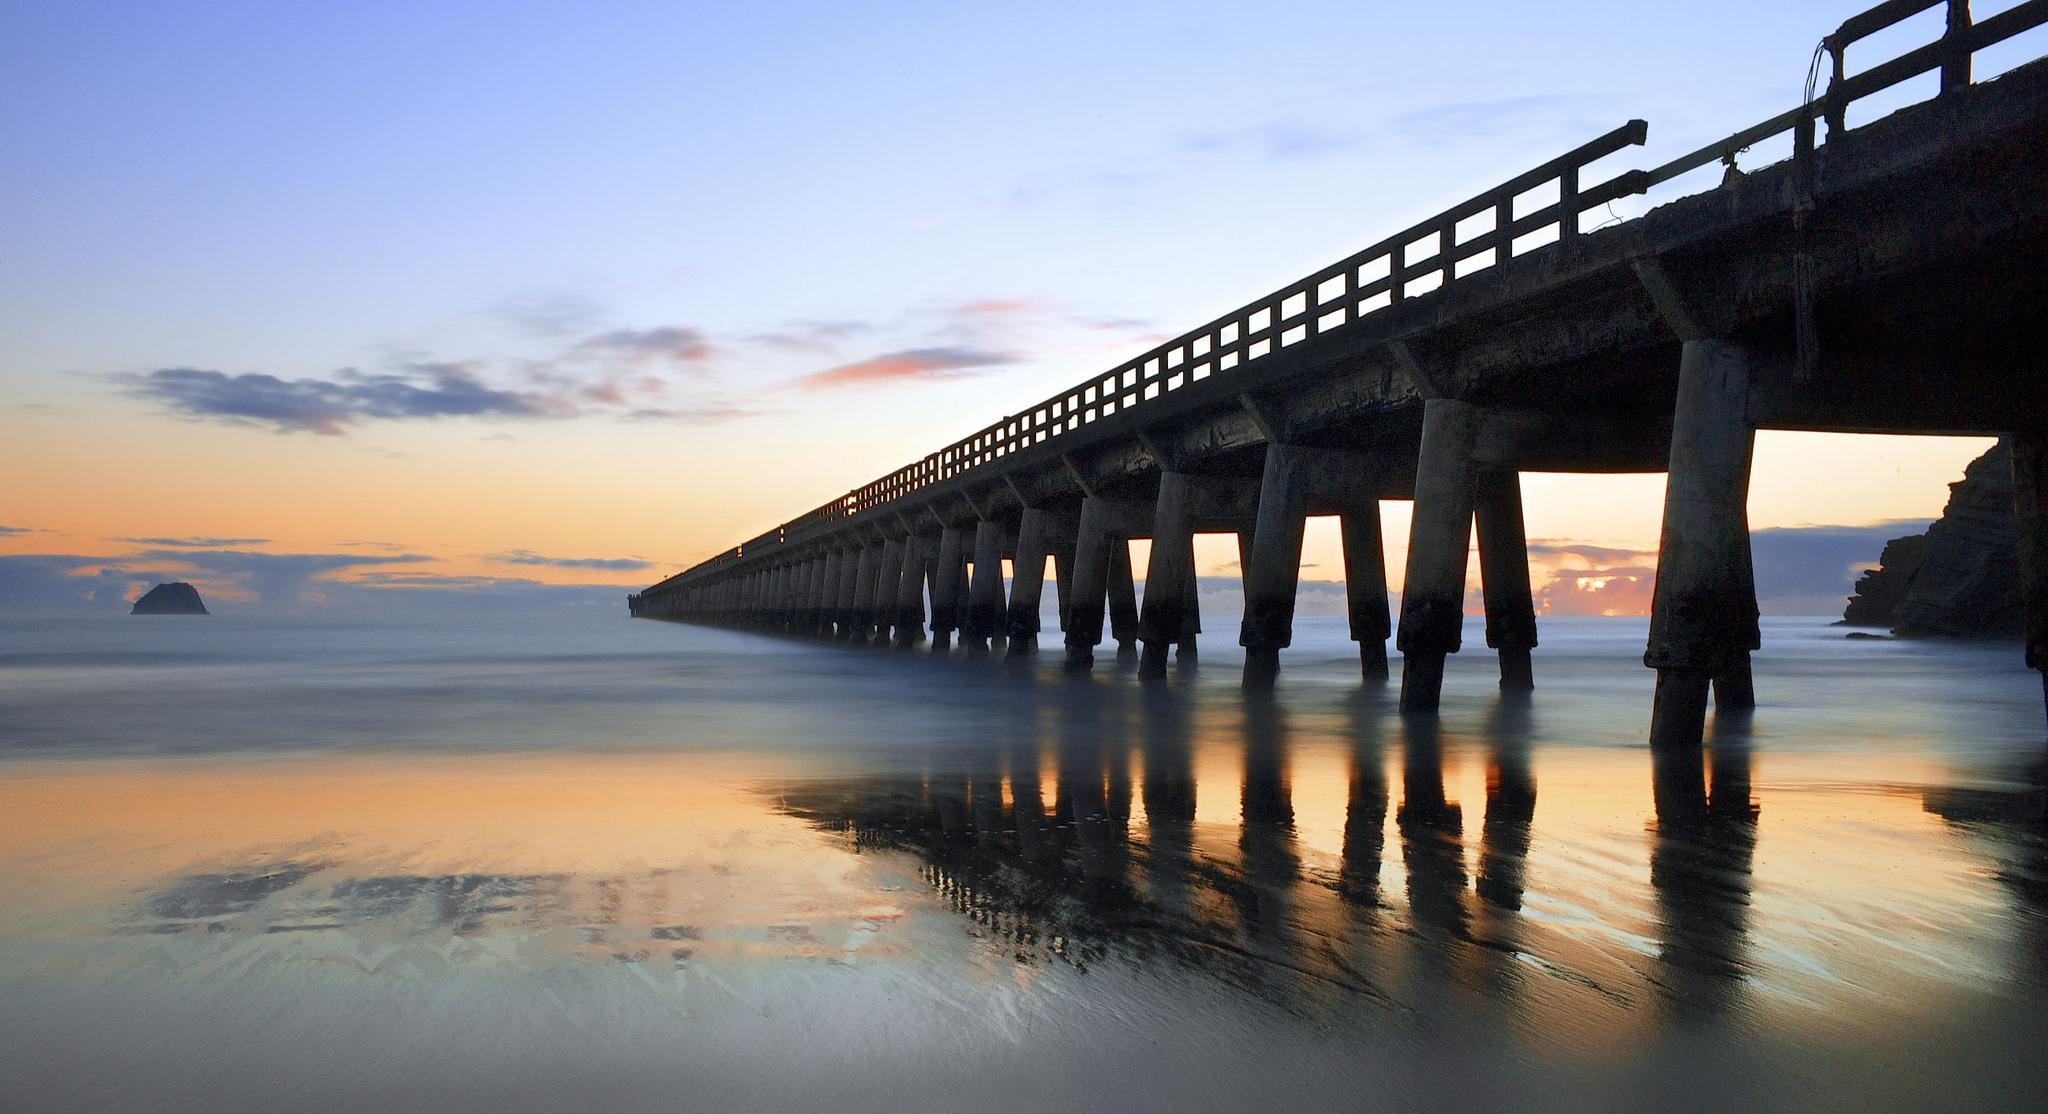 Sunset behind a pier